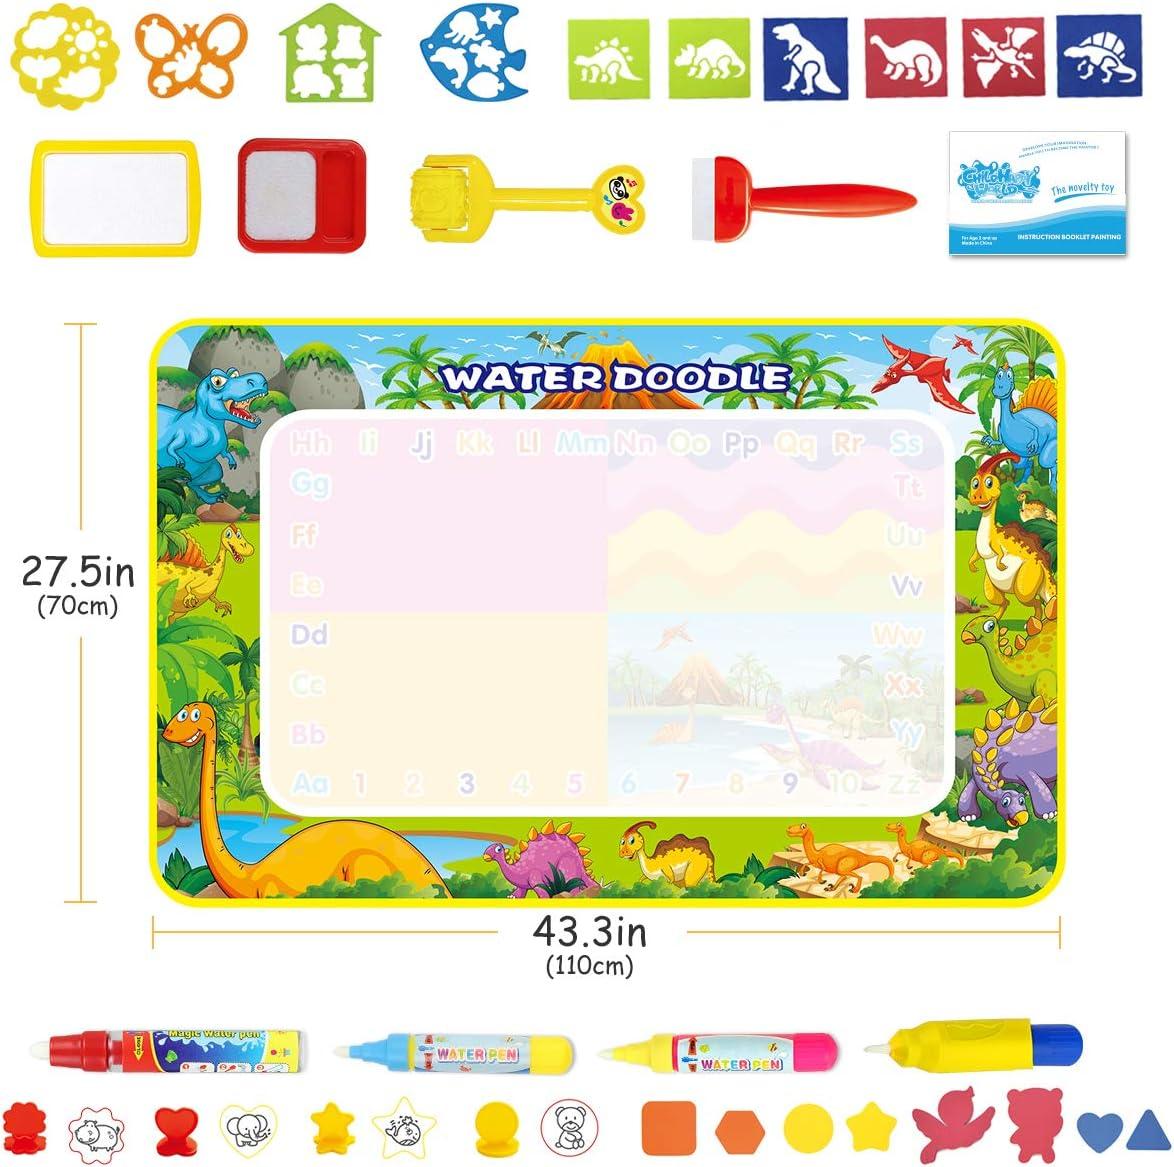 Doodle Tappeto Magico Grande 110 x 70cm Riutilizzabile Acqua Doodle Tappetino Disegno Bambini Giocattoli Educativi per Bambini con Molti Accessori